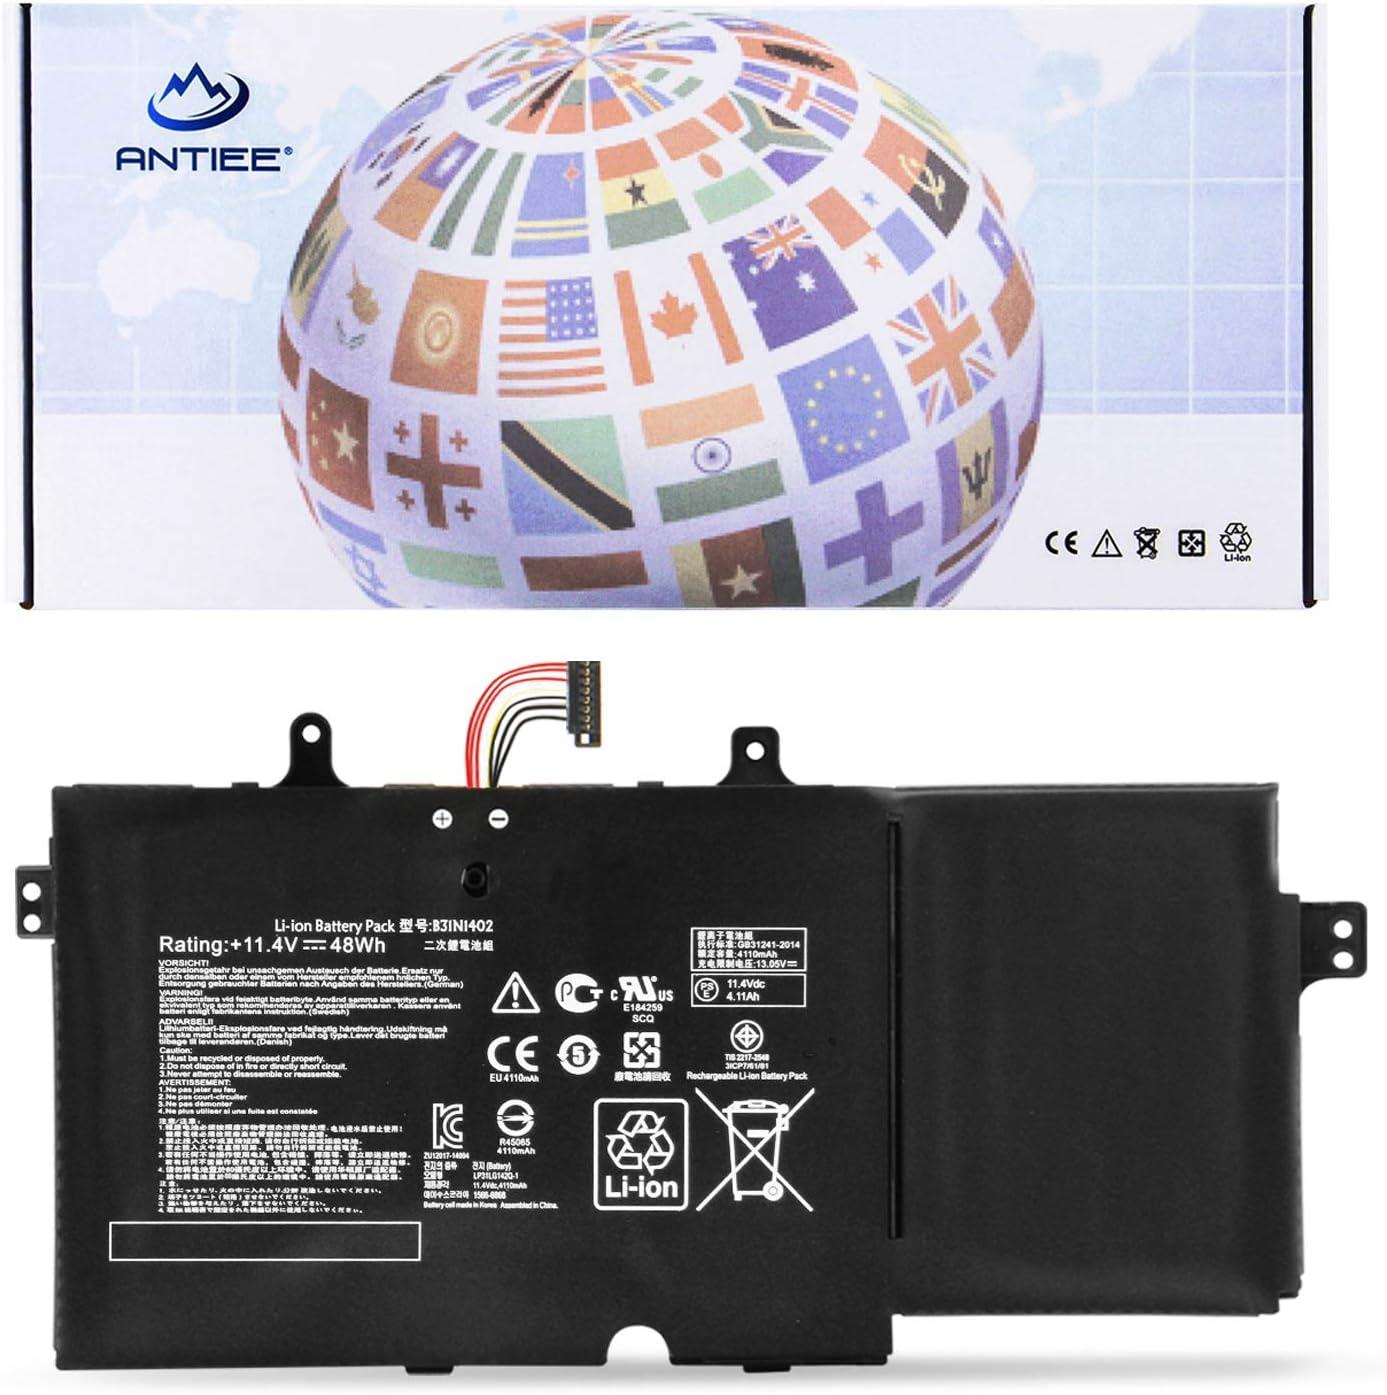 ANTIEE B31N1402 Laptop Battery for ASUS Q551 Q551L Q551LN Q552UB N591LB N592UB Q551LN-BSI708 Q551LN-BBI706 Q552UB-BHI7T12 Series Notebook B31BN9H 0B200-01050000 0B200-01050000M 11.4V 48Wh